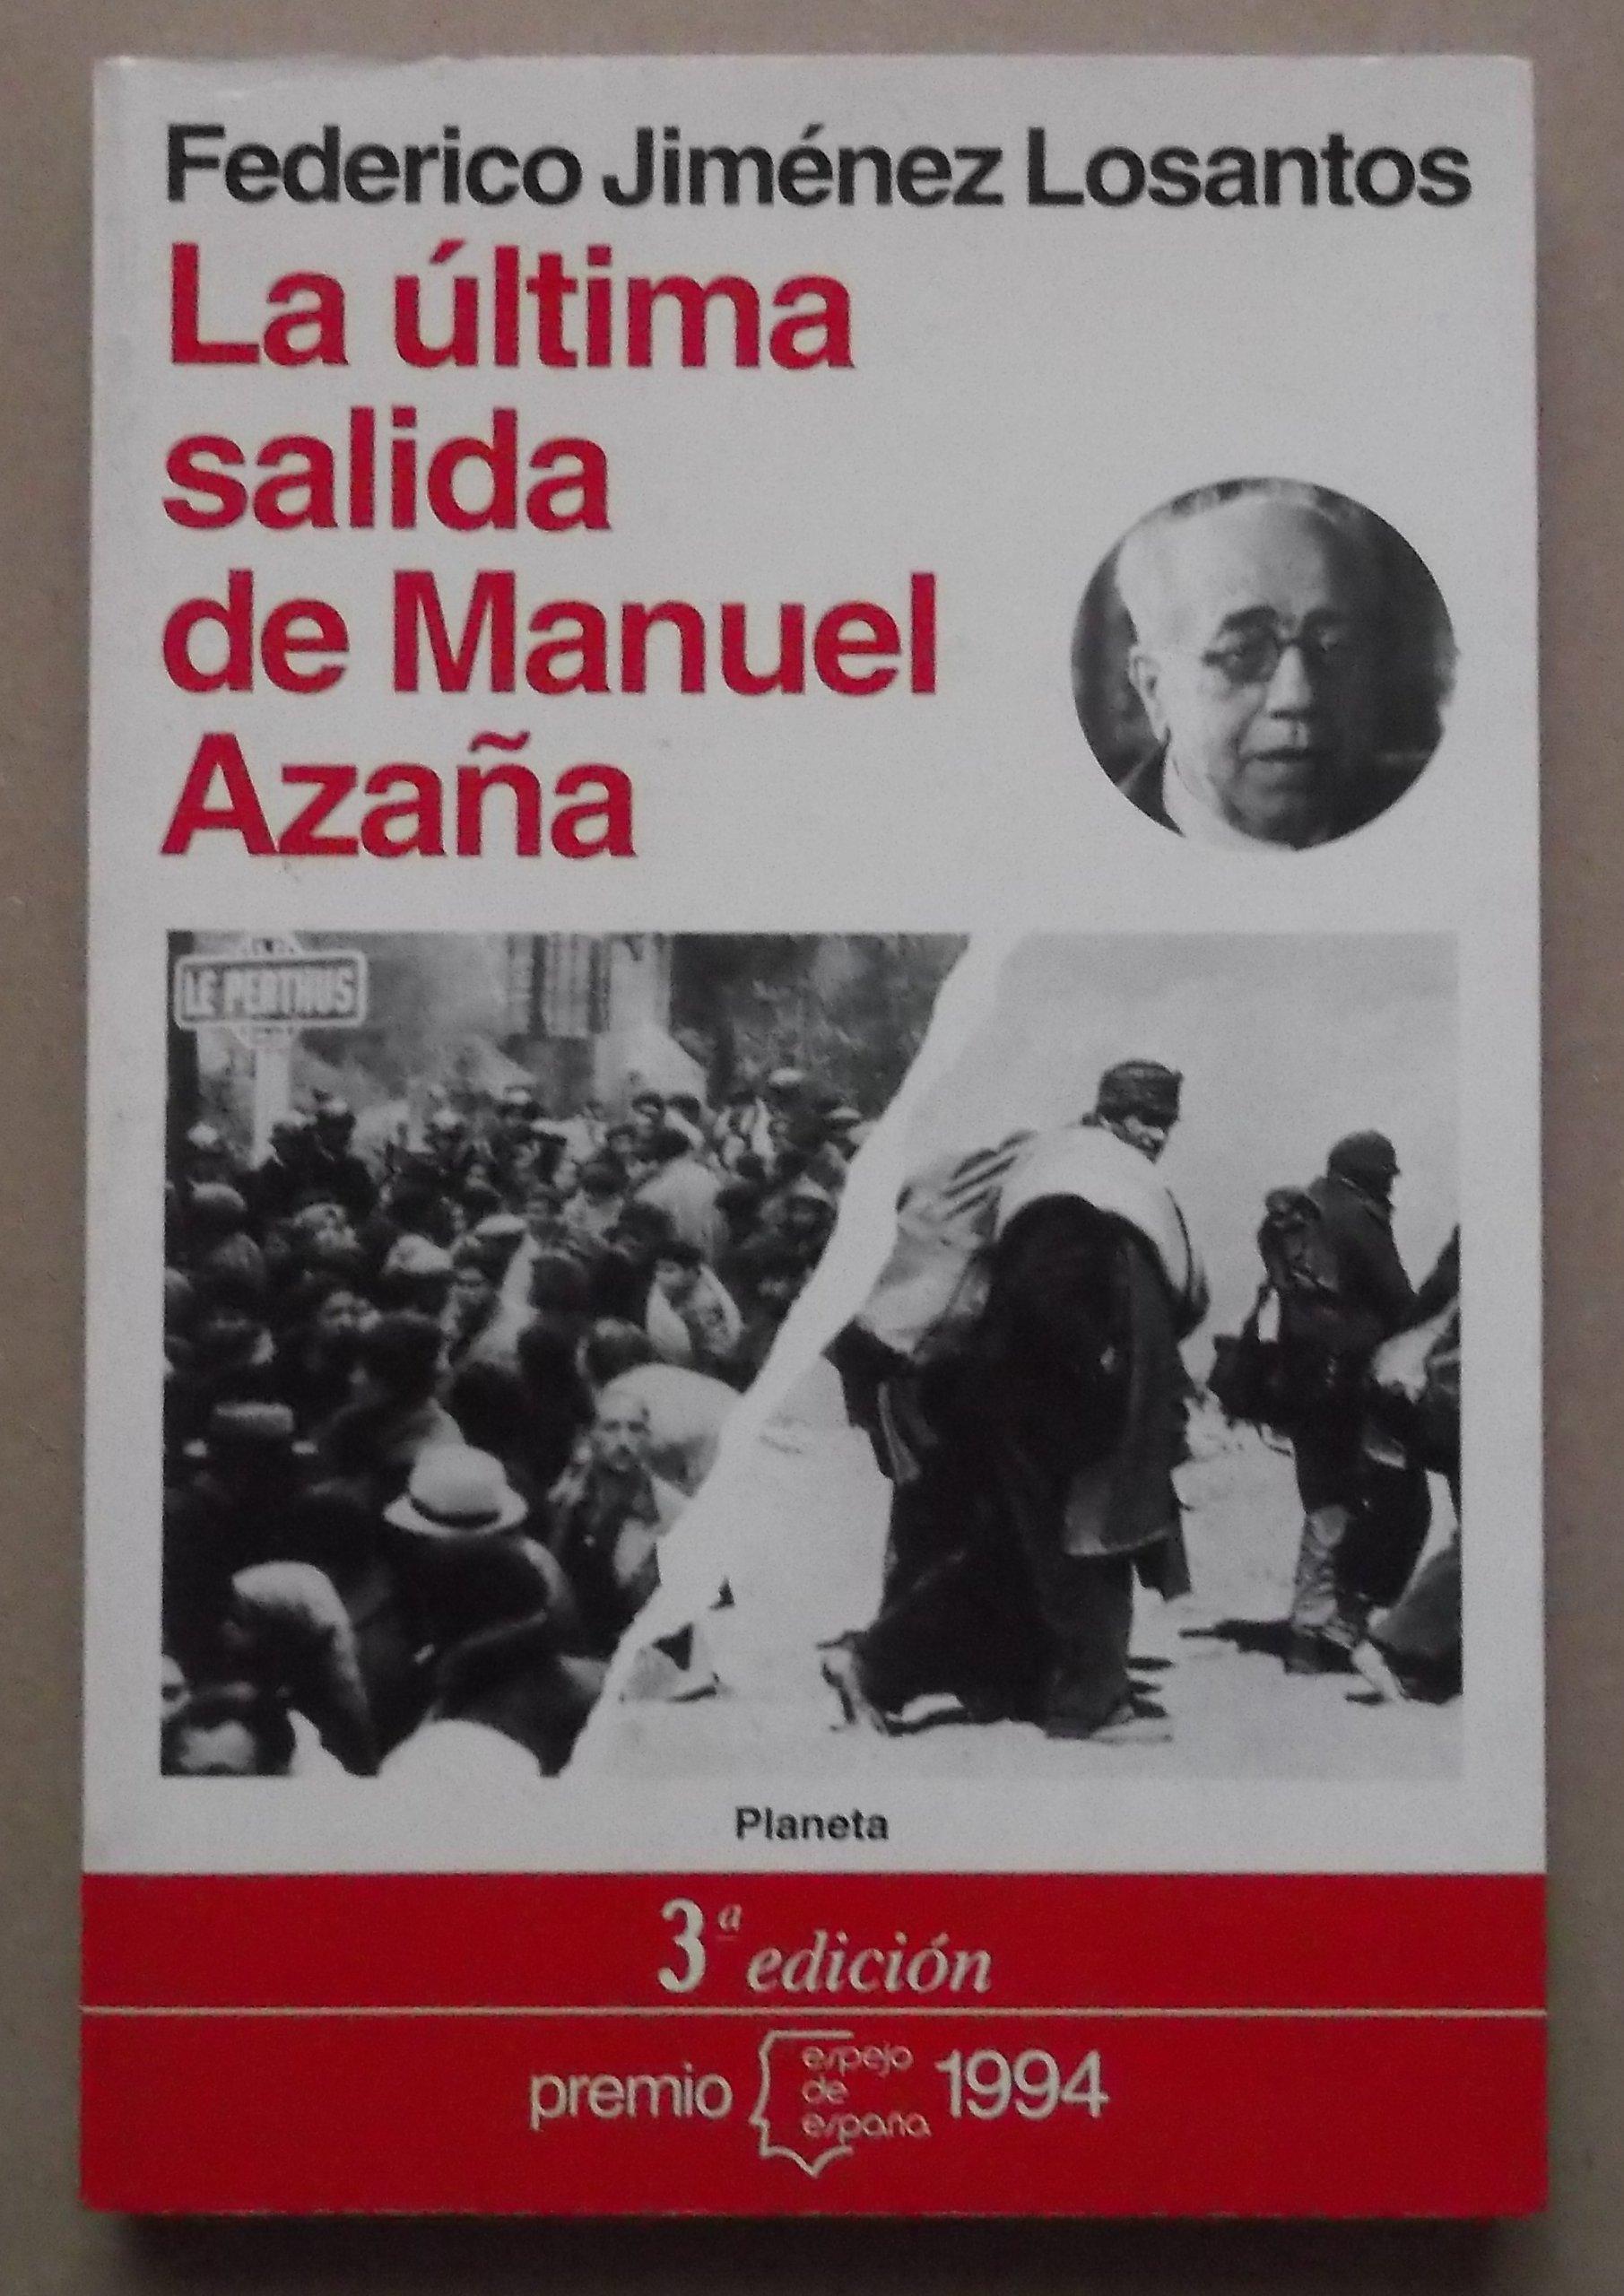 Ultima salida de Manuel azaña, la (Espejo de España): Amazon.es: Jimenez Losantos, Federico: Libros